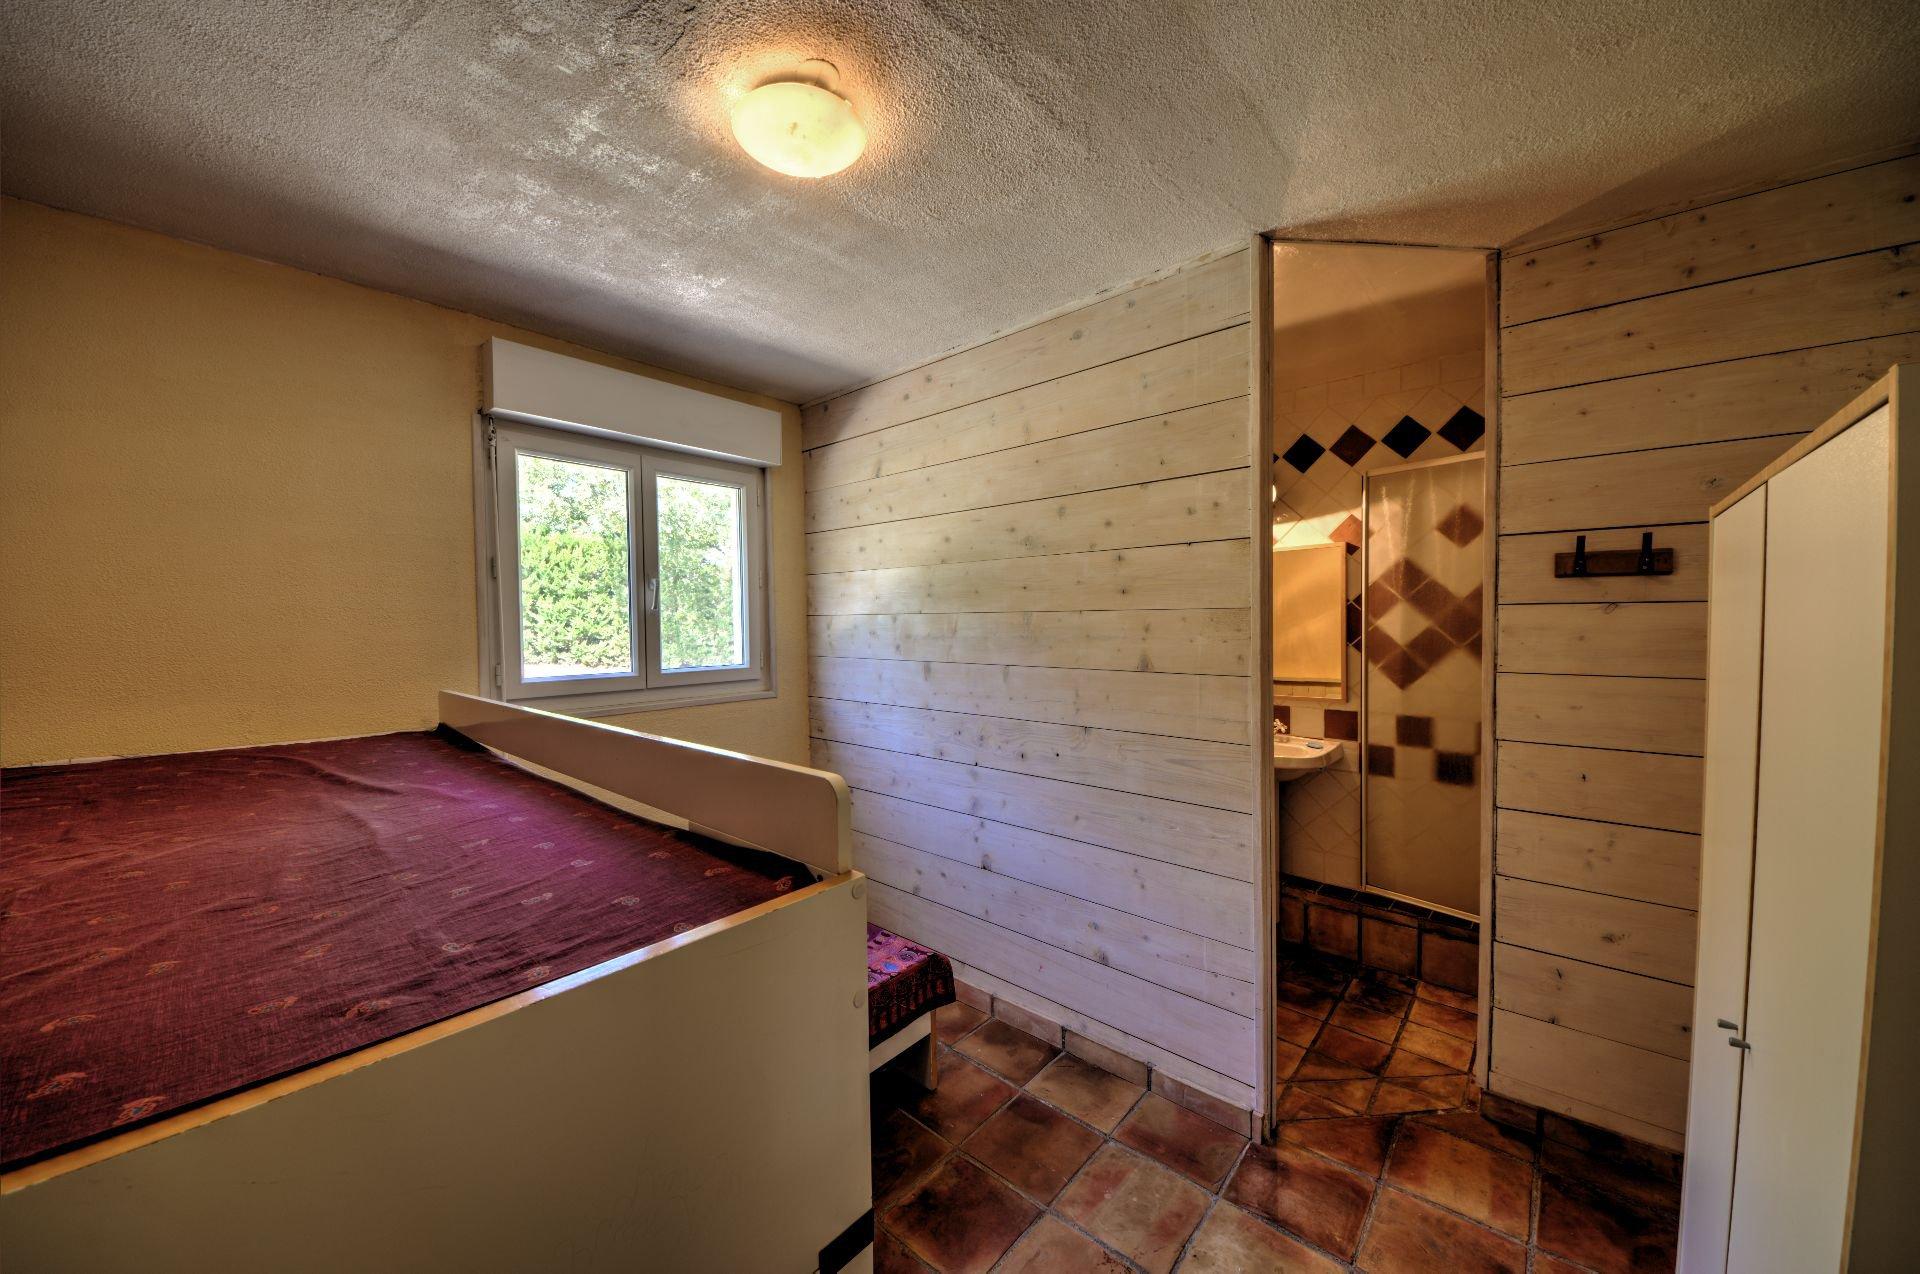 Chambre 3 rdc avec salle de douche de Maison à ossature bois HPE, 180 m², 5 ch, piscine, Aups, Var, Provence, Paca